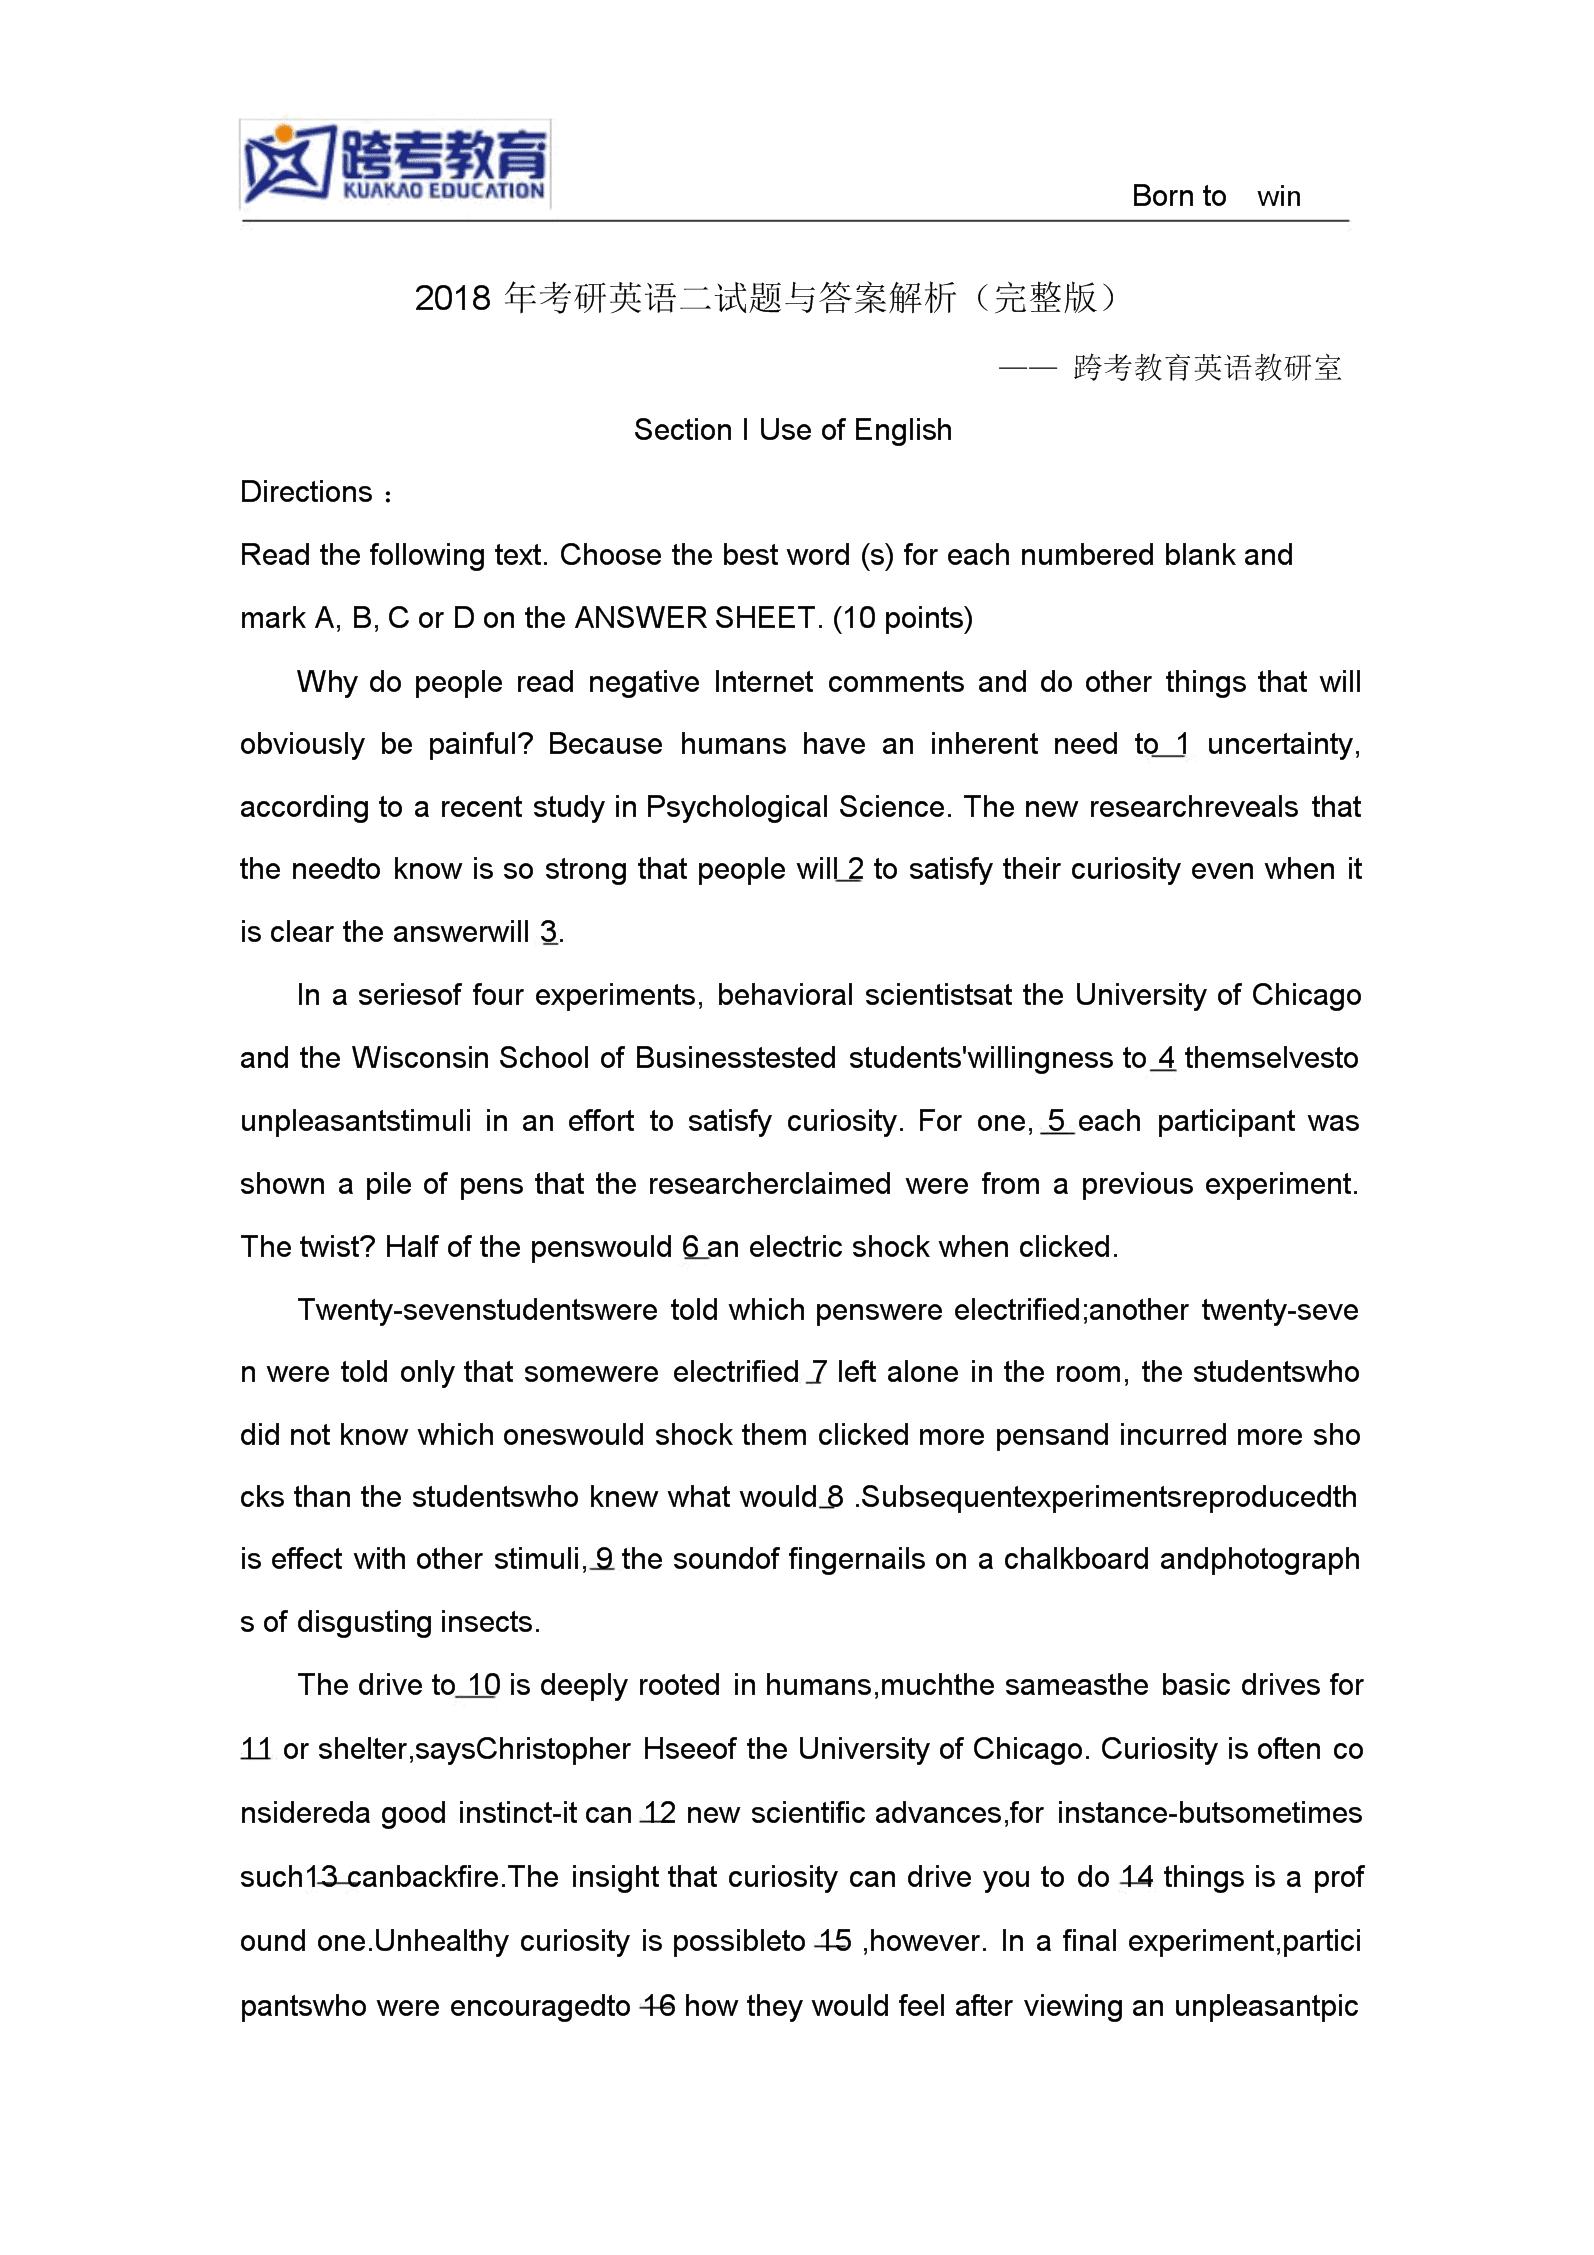 考研英语二试题与答案解析(完整版).docx